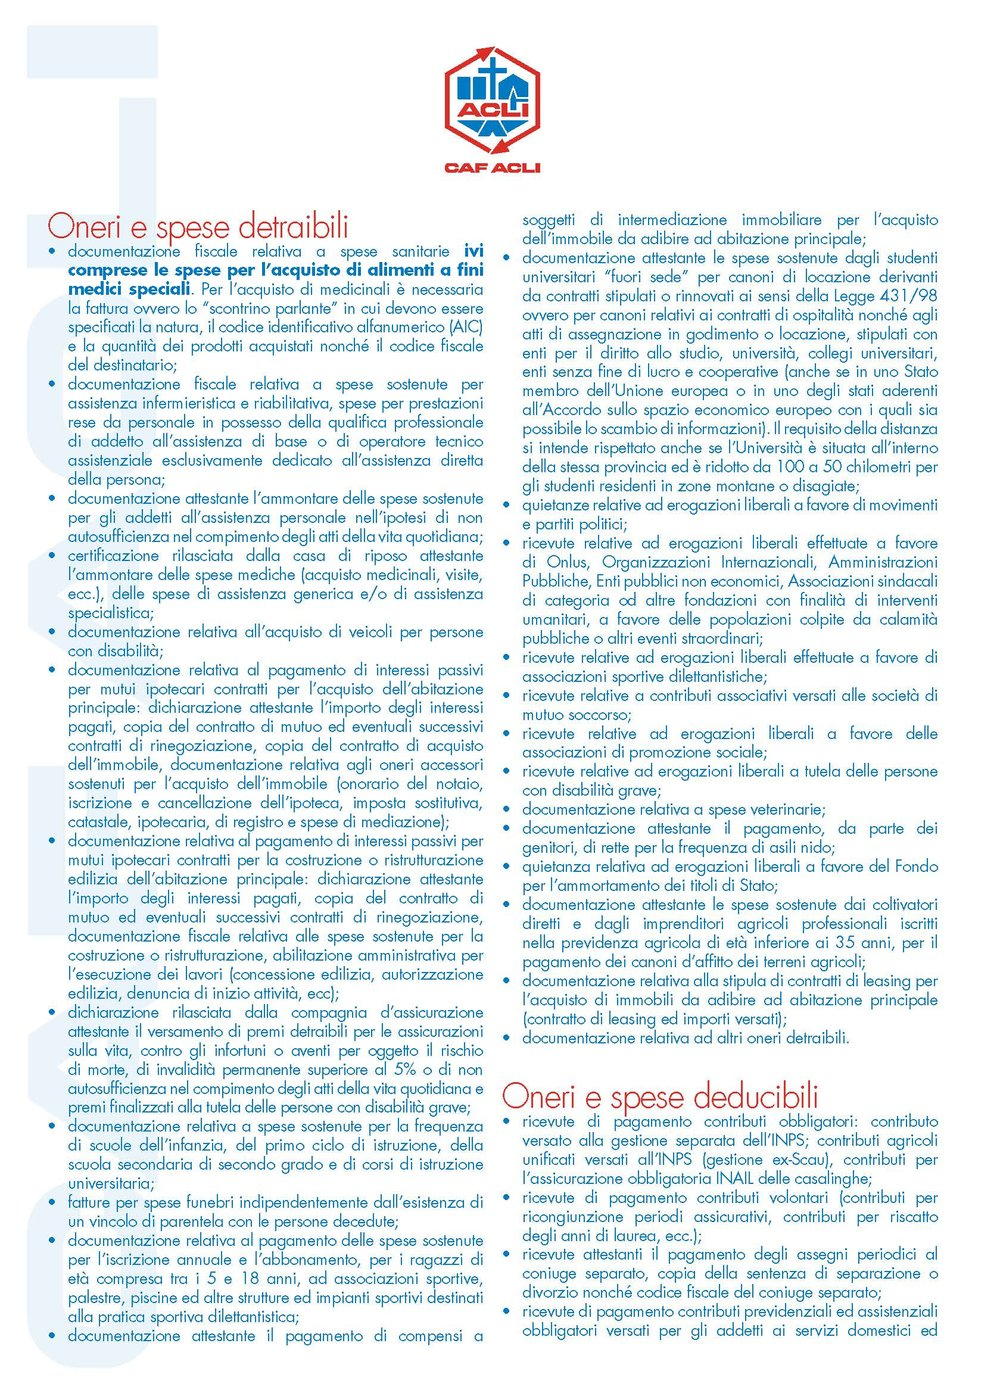 Istruzioni 2.jpg